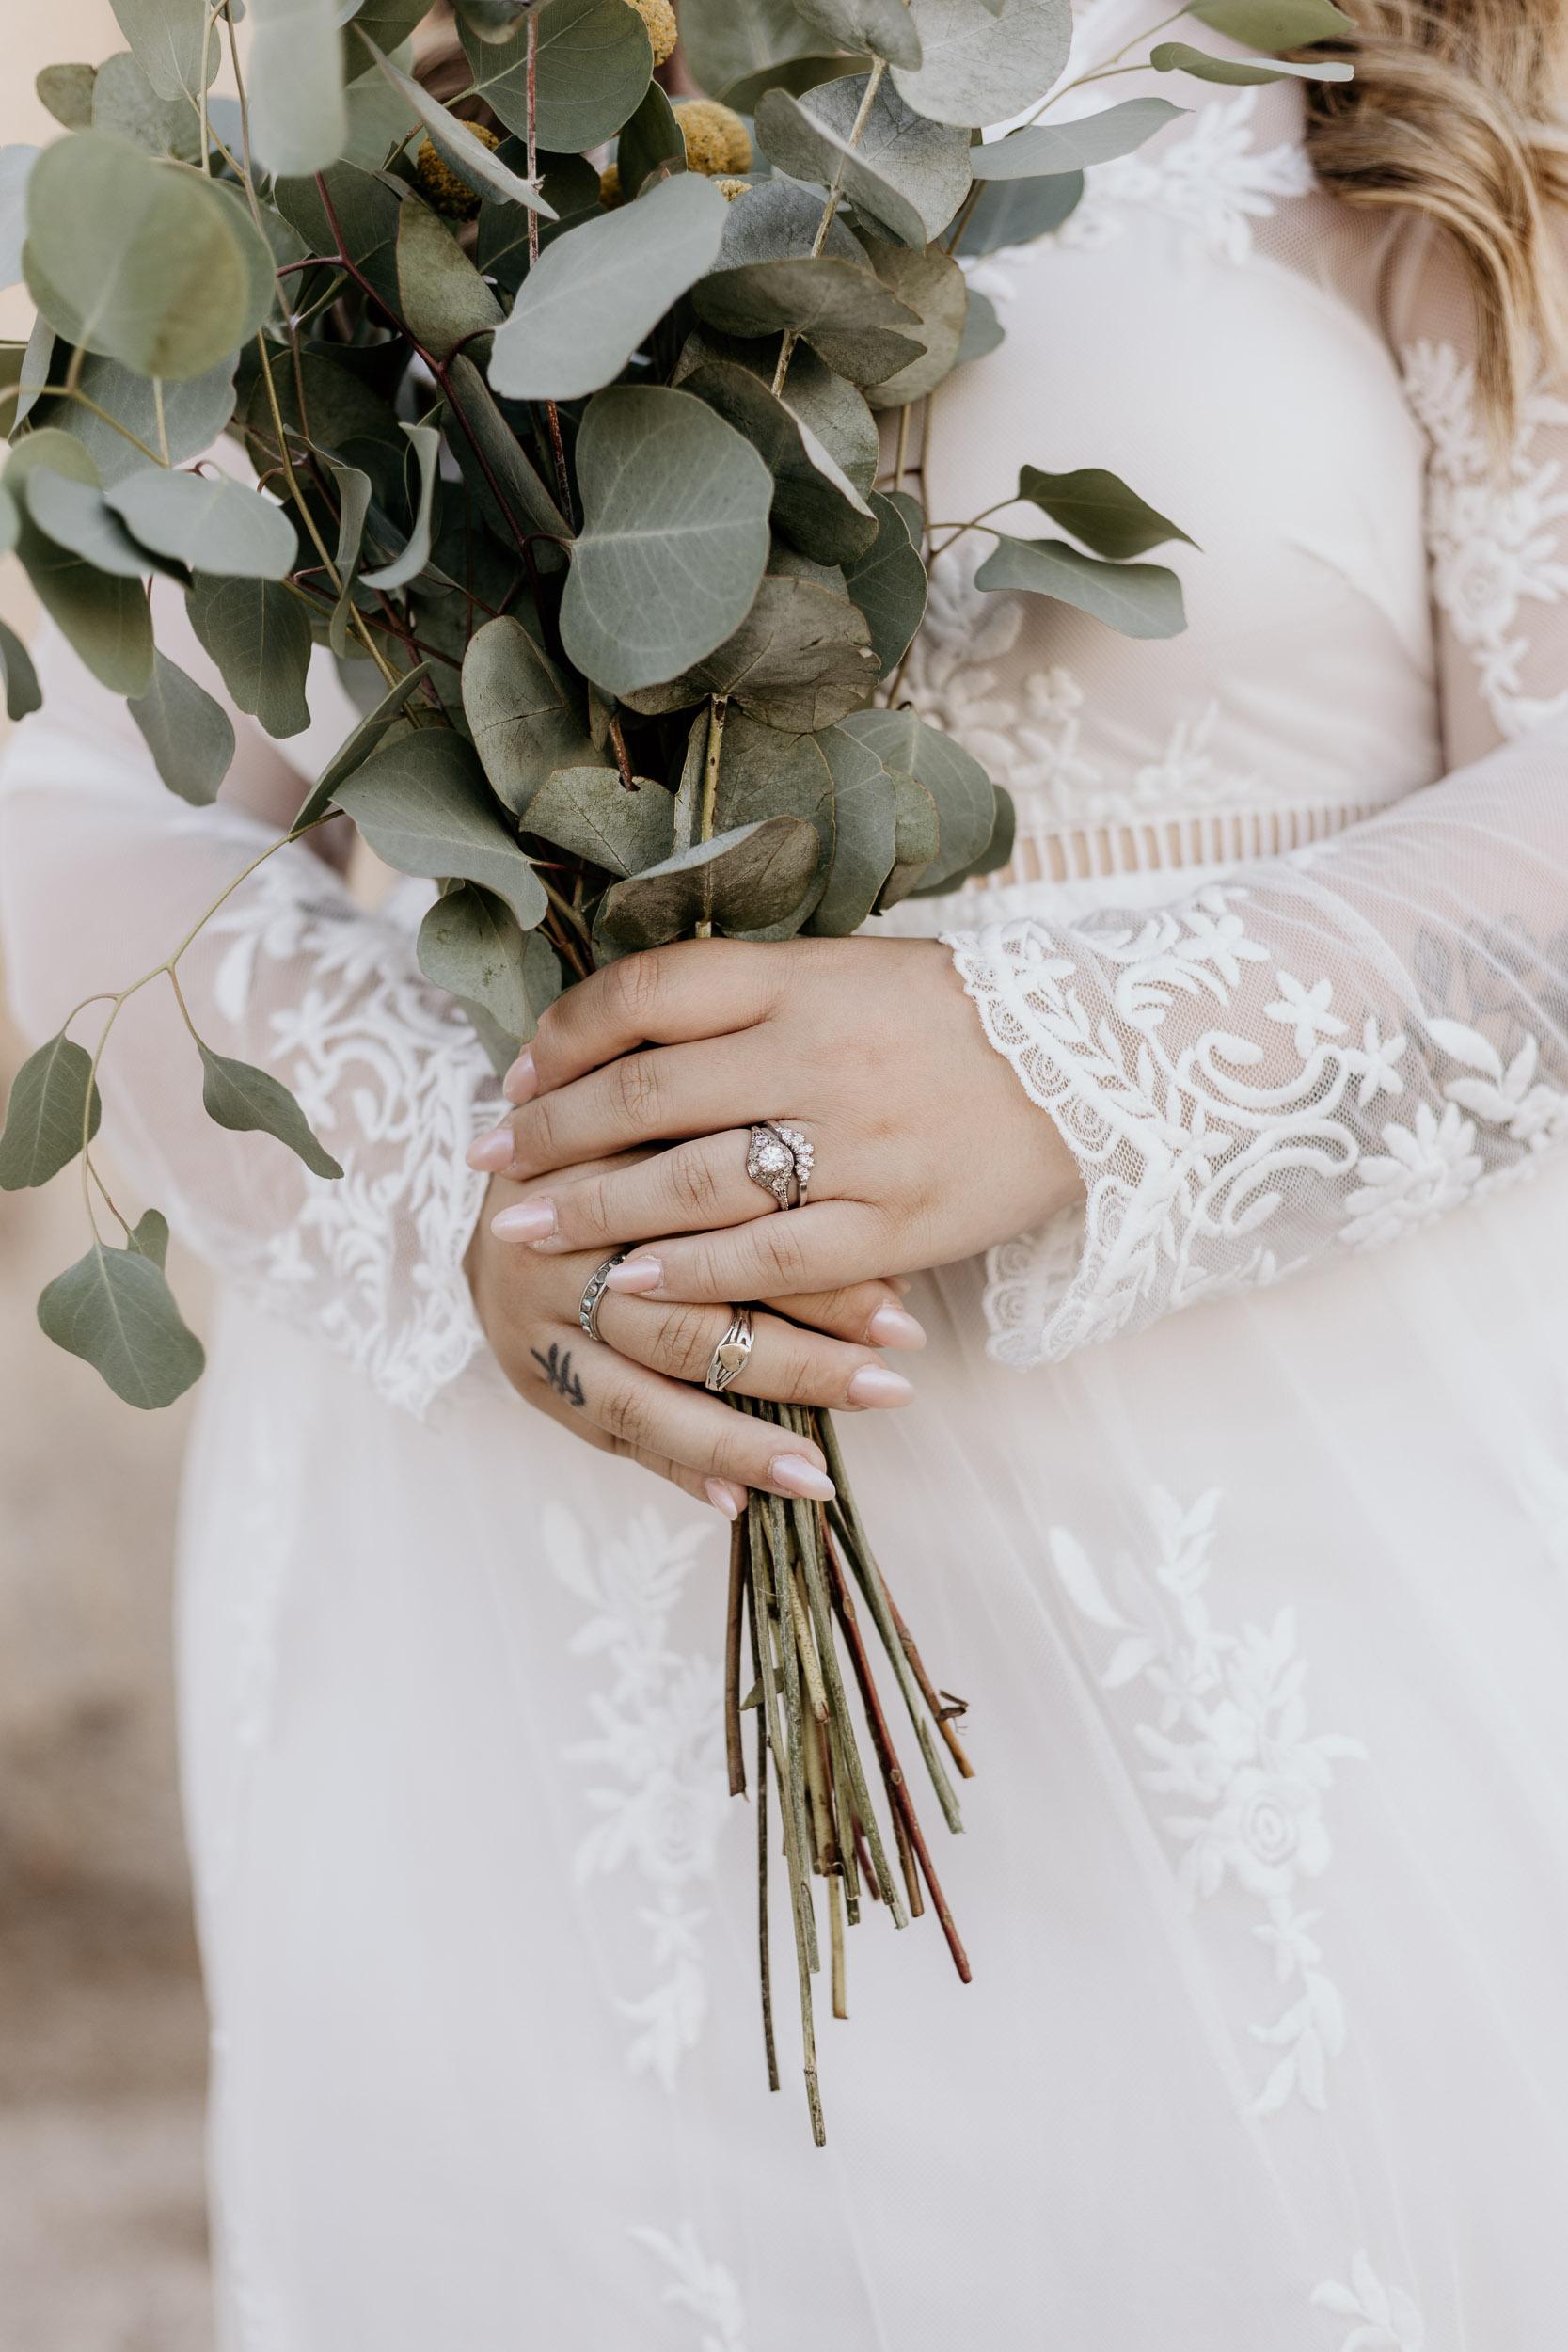 intimate-wedding-elopement-photographer-ottawa-joshua-tree-0086.jpg